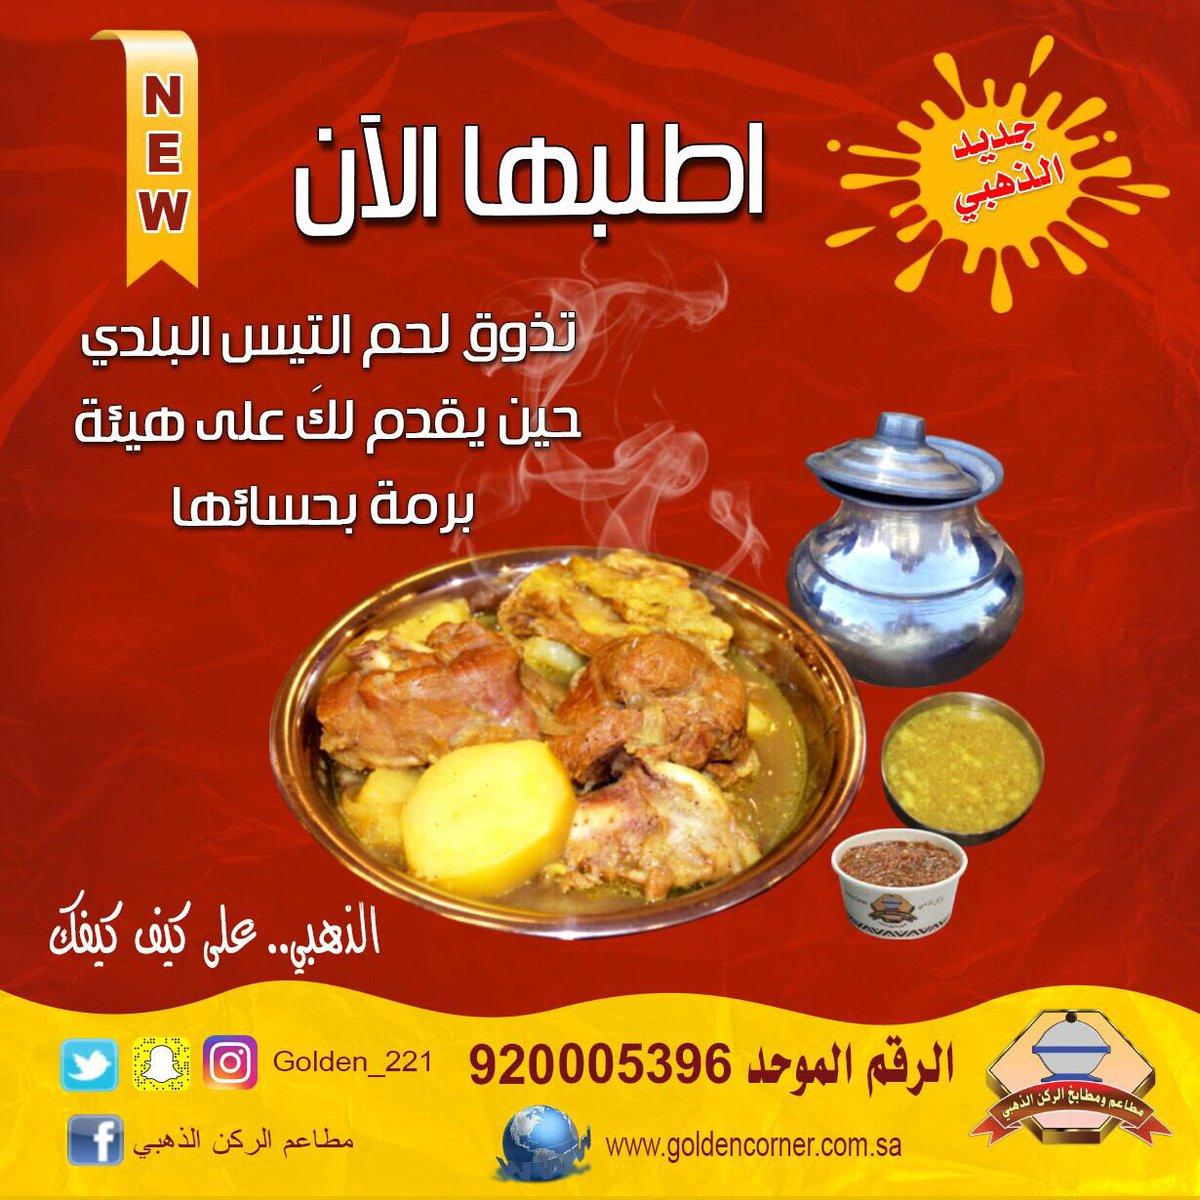 مطاعم الركن الذهبي Twitterissa الدمام حي الاتصالات حي الفيصلية قريبا حي الفرسان